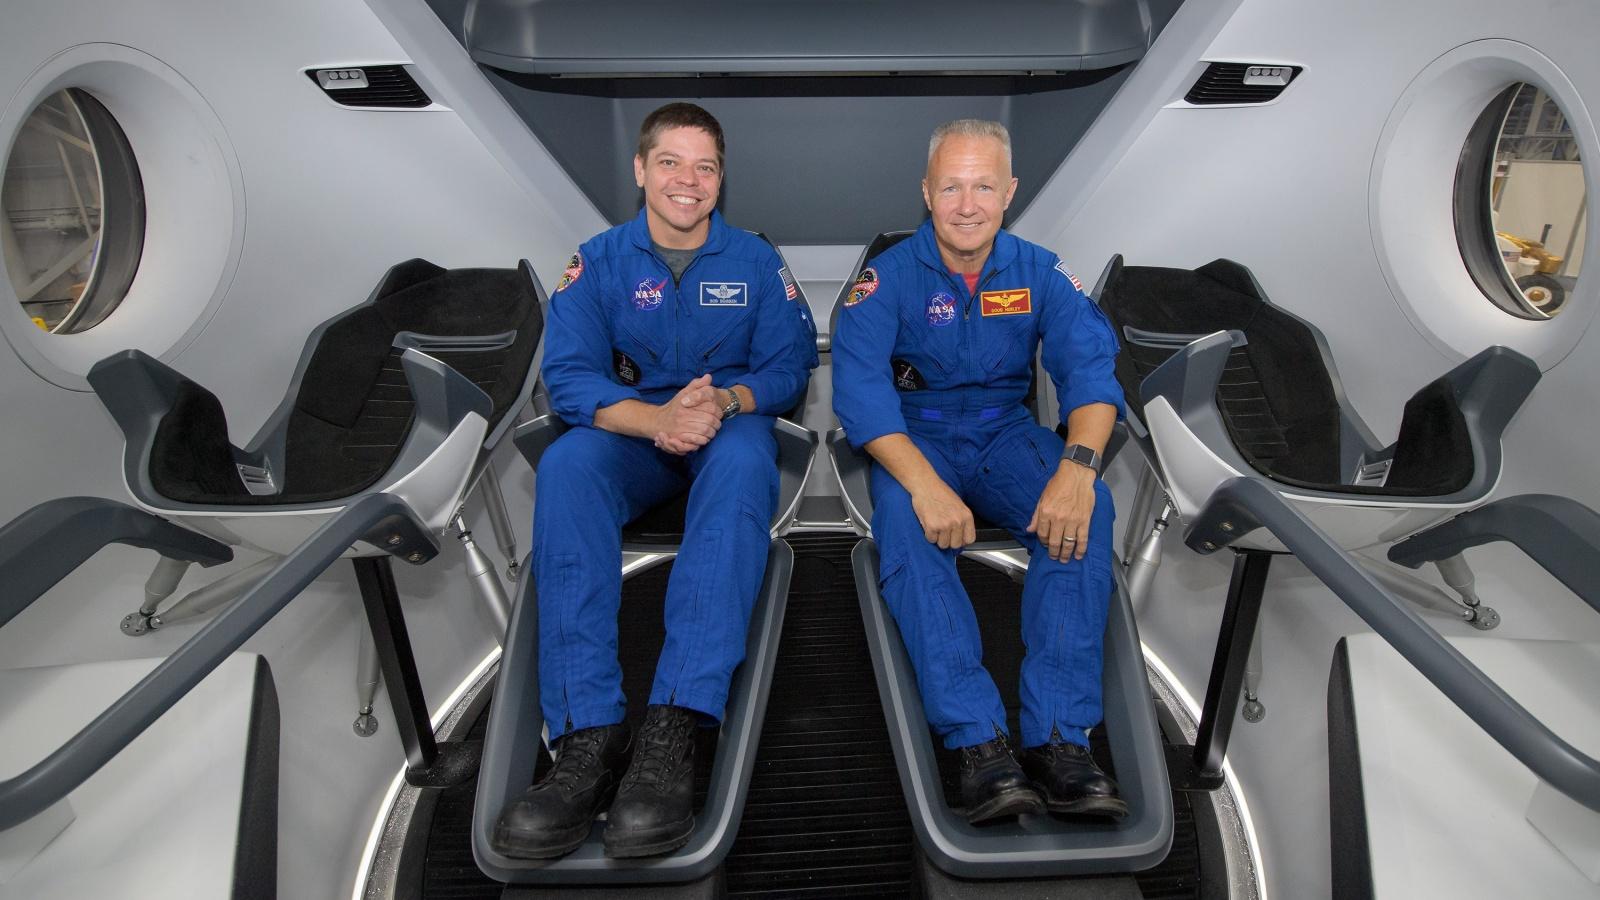 Семь самых захватывающих космических миссий предстоящего года - 2